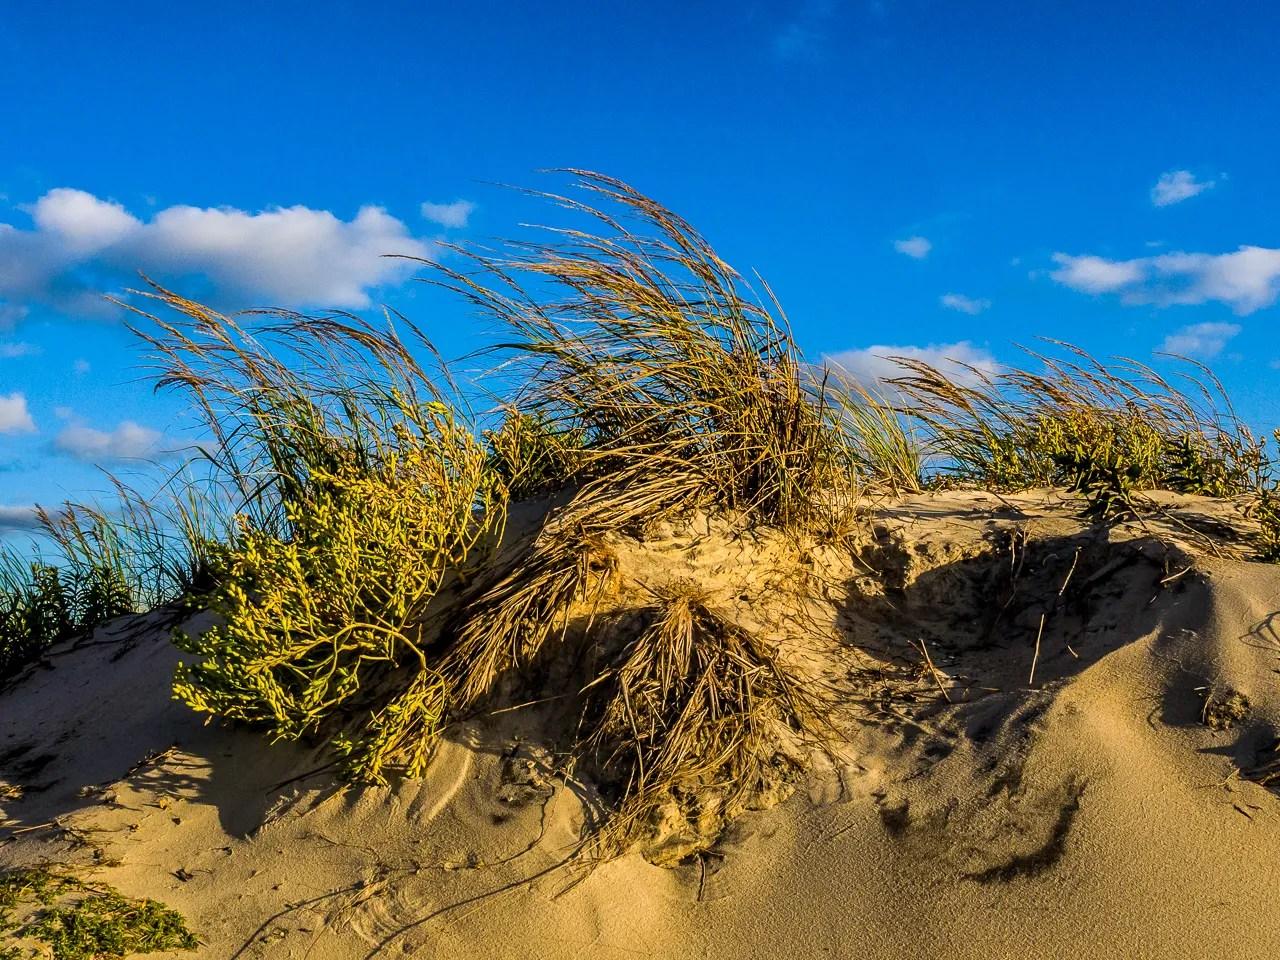 assateague-dunes-2350